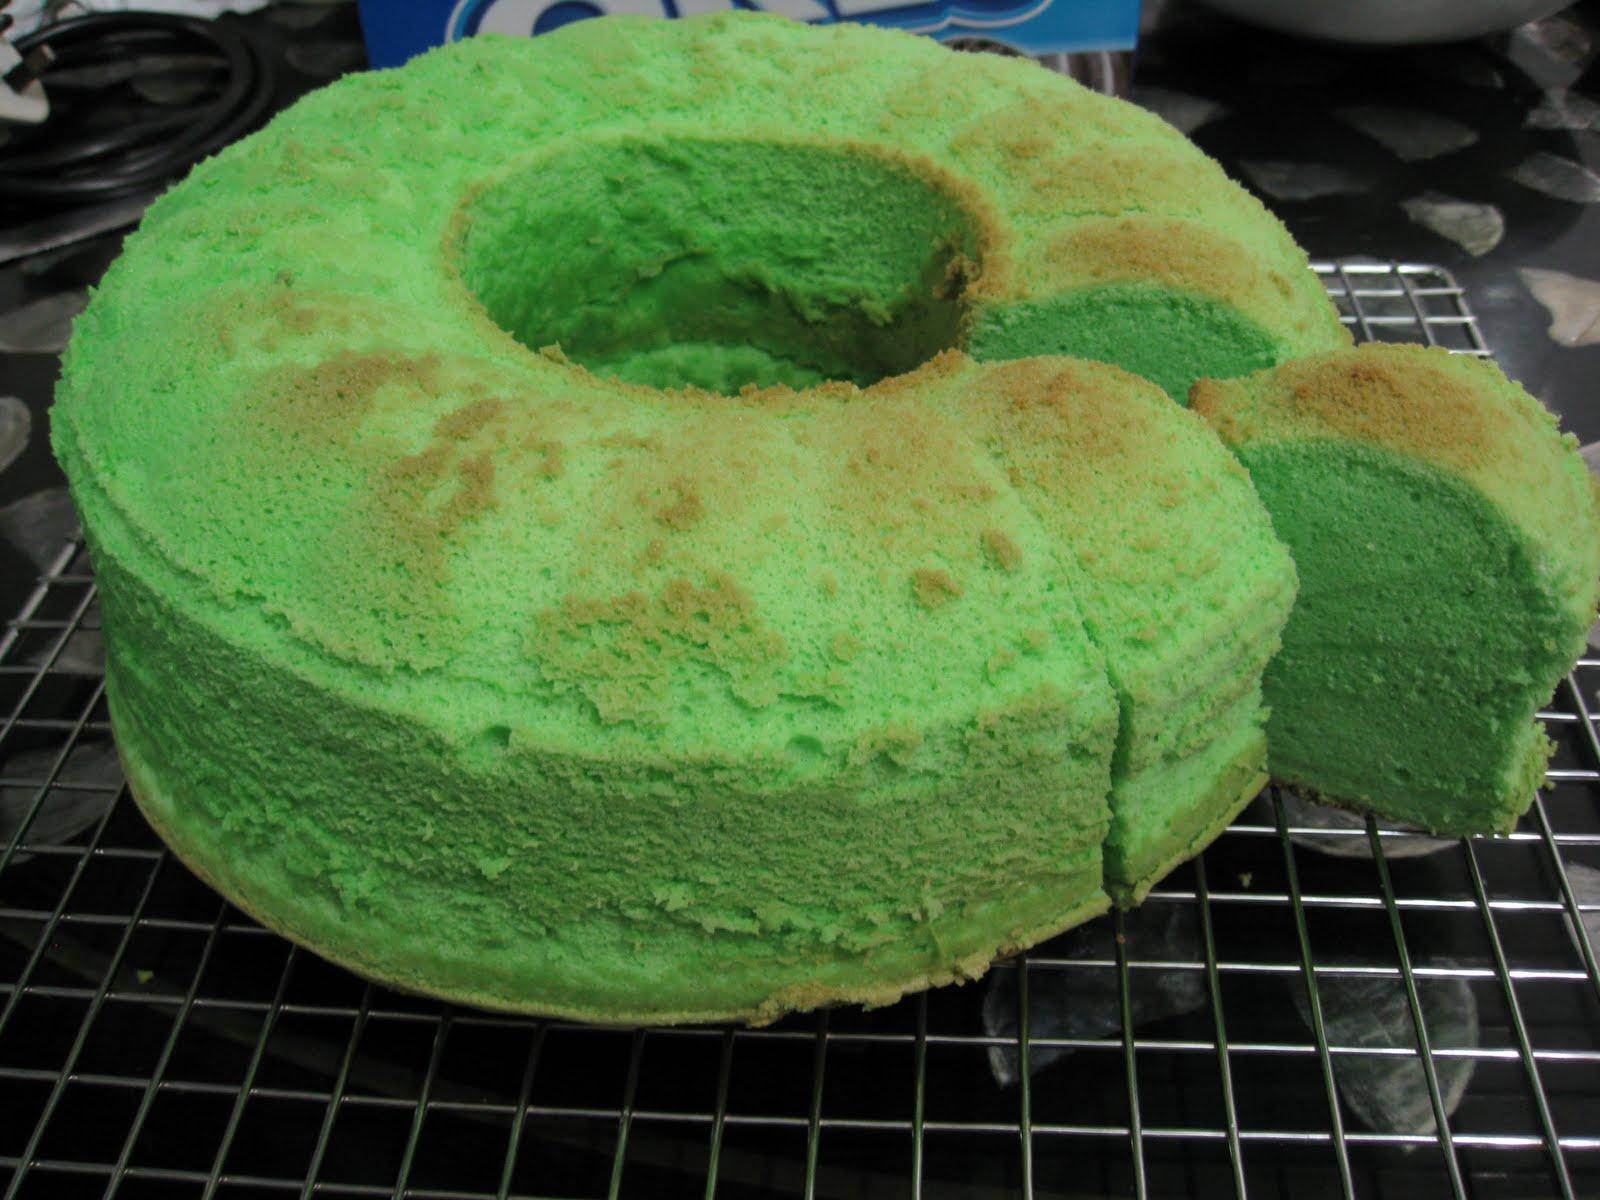 Confessions of a Baking Addict: Pandan chiffon cake